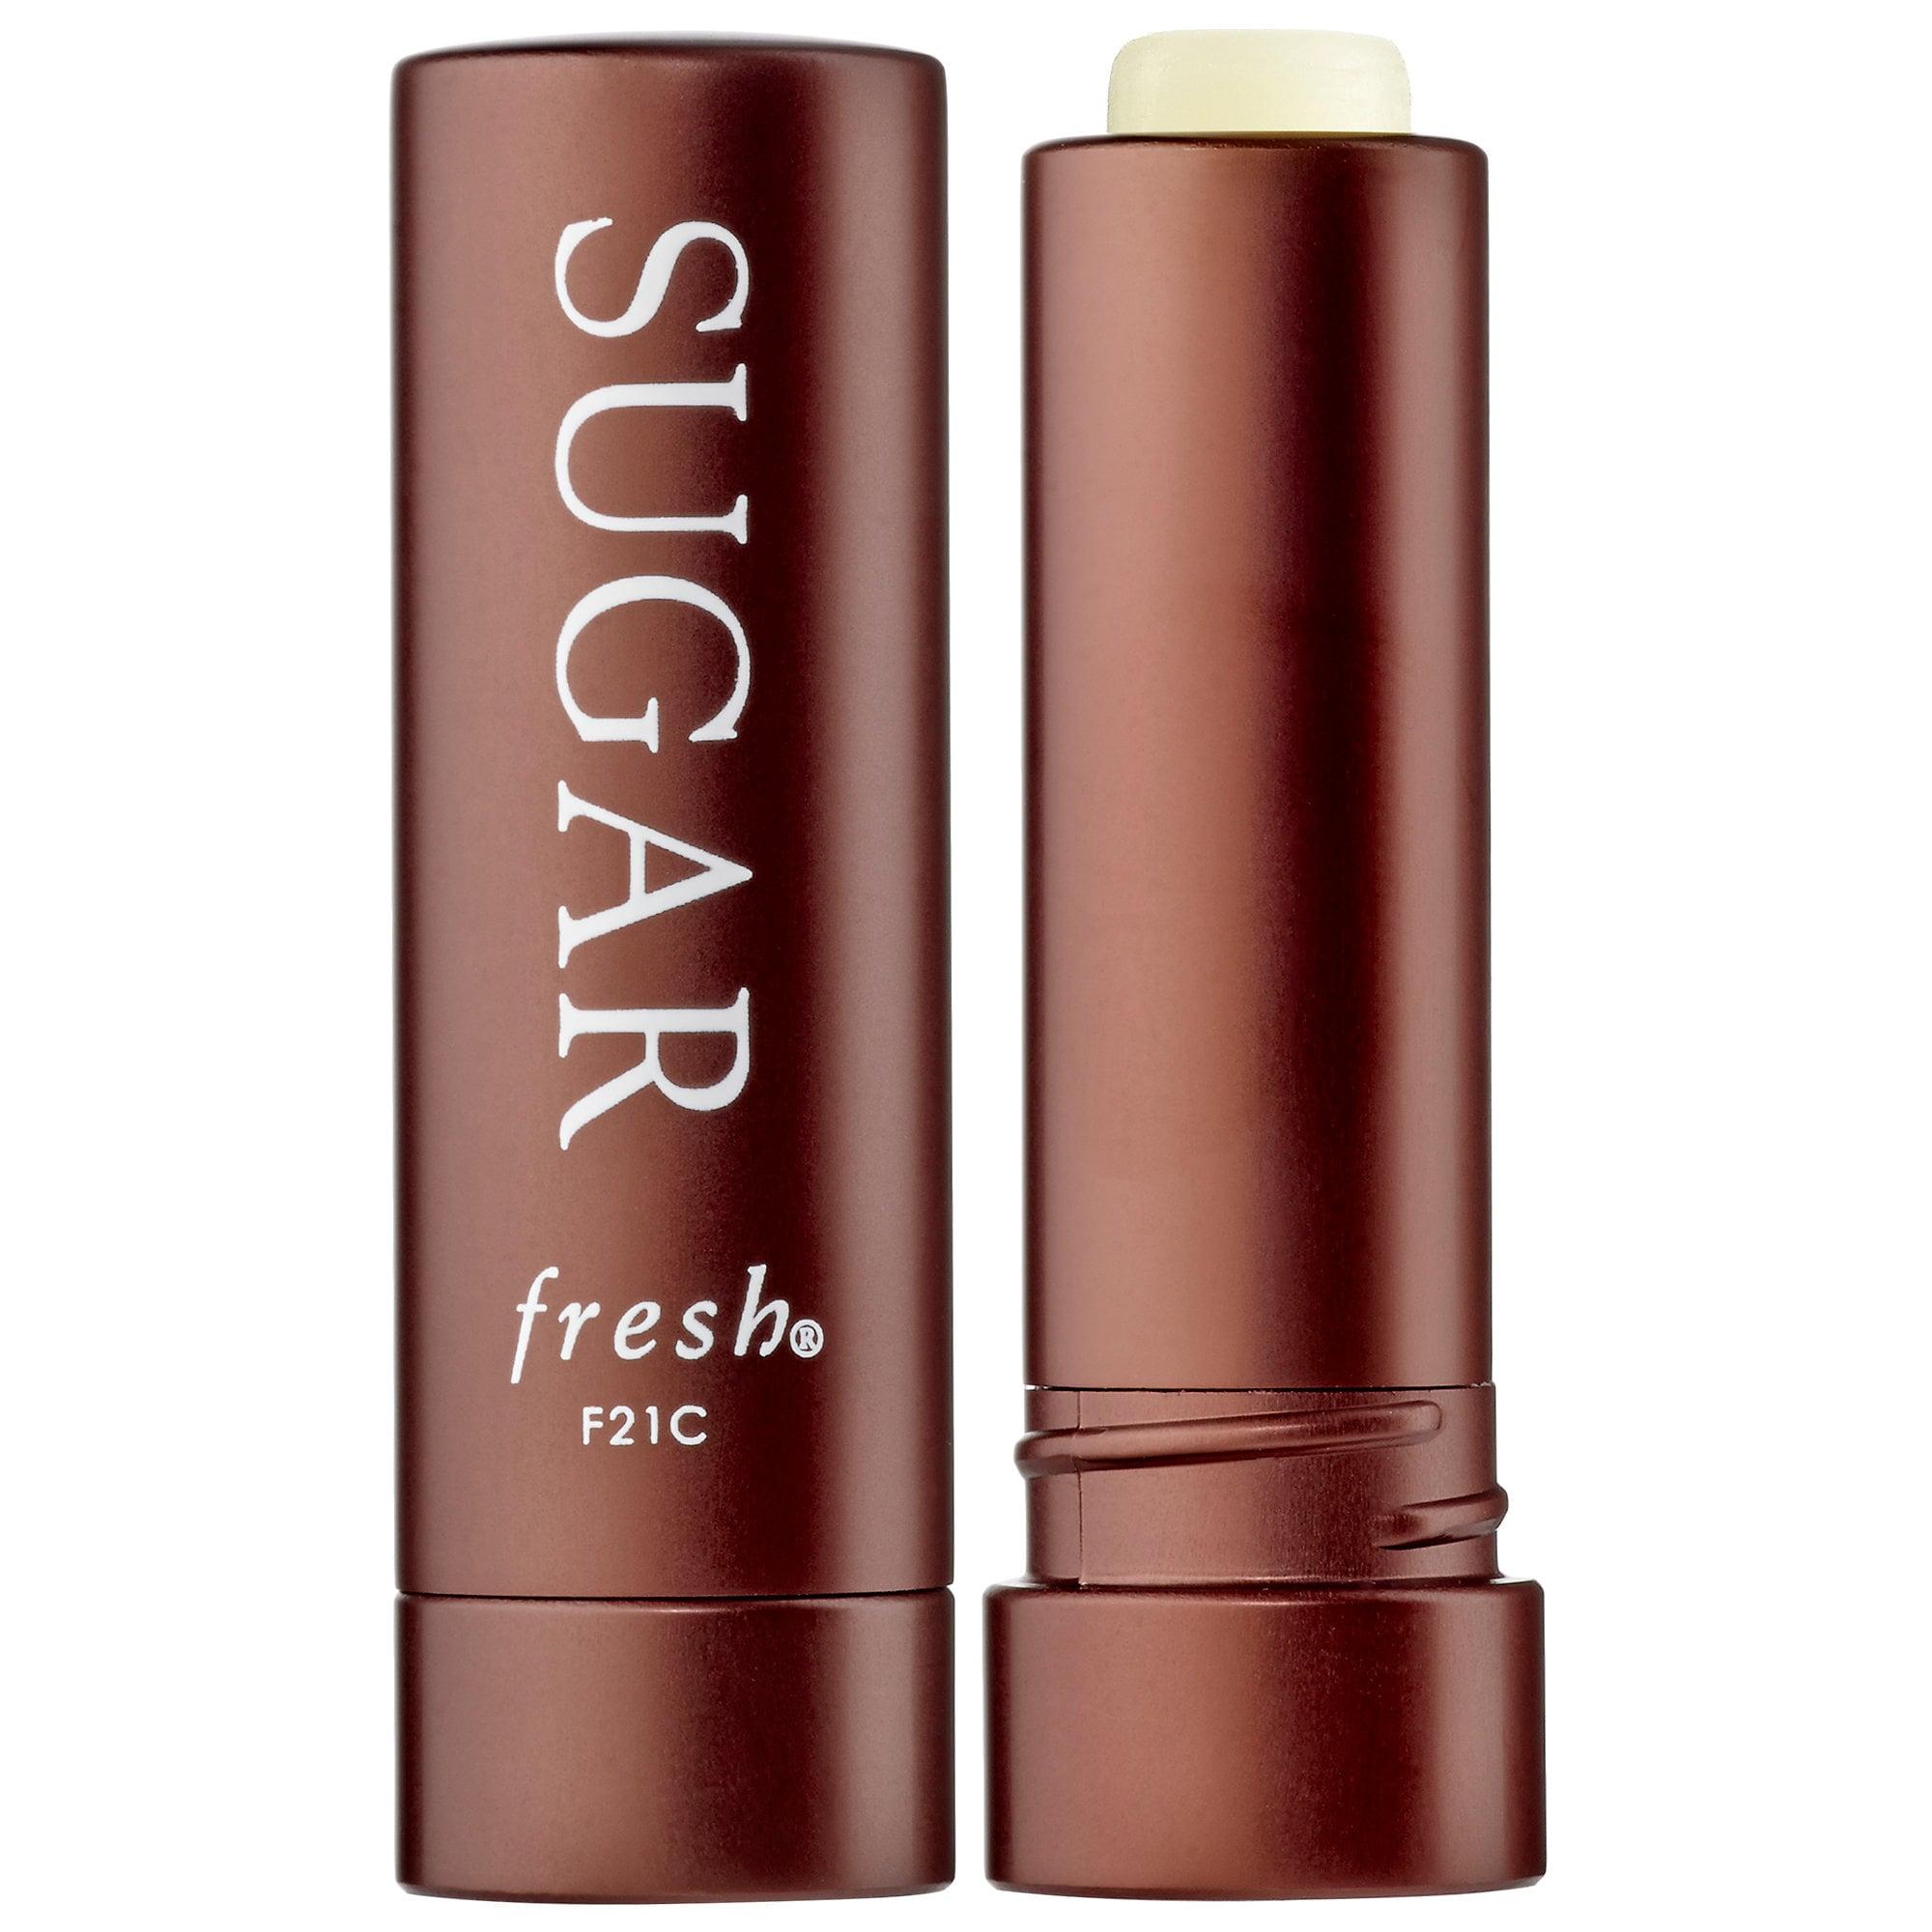 Fresh - Sugar Lip Balm Sunscreen SPF 15